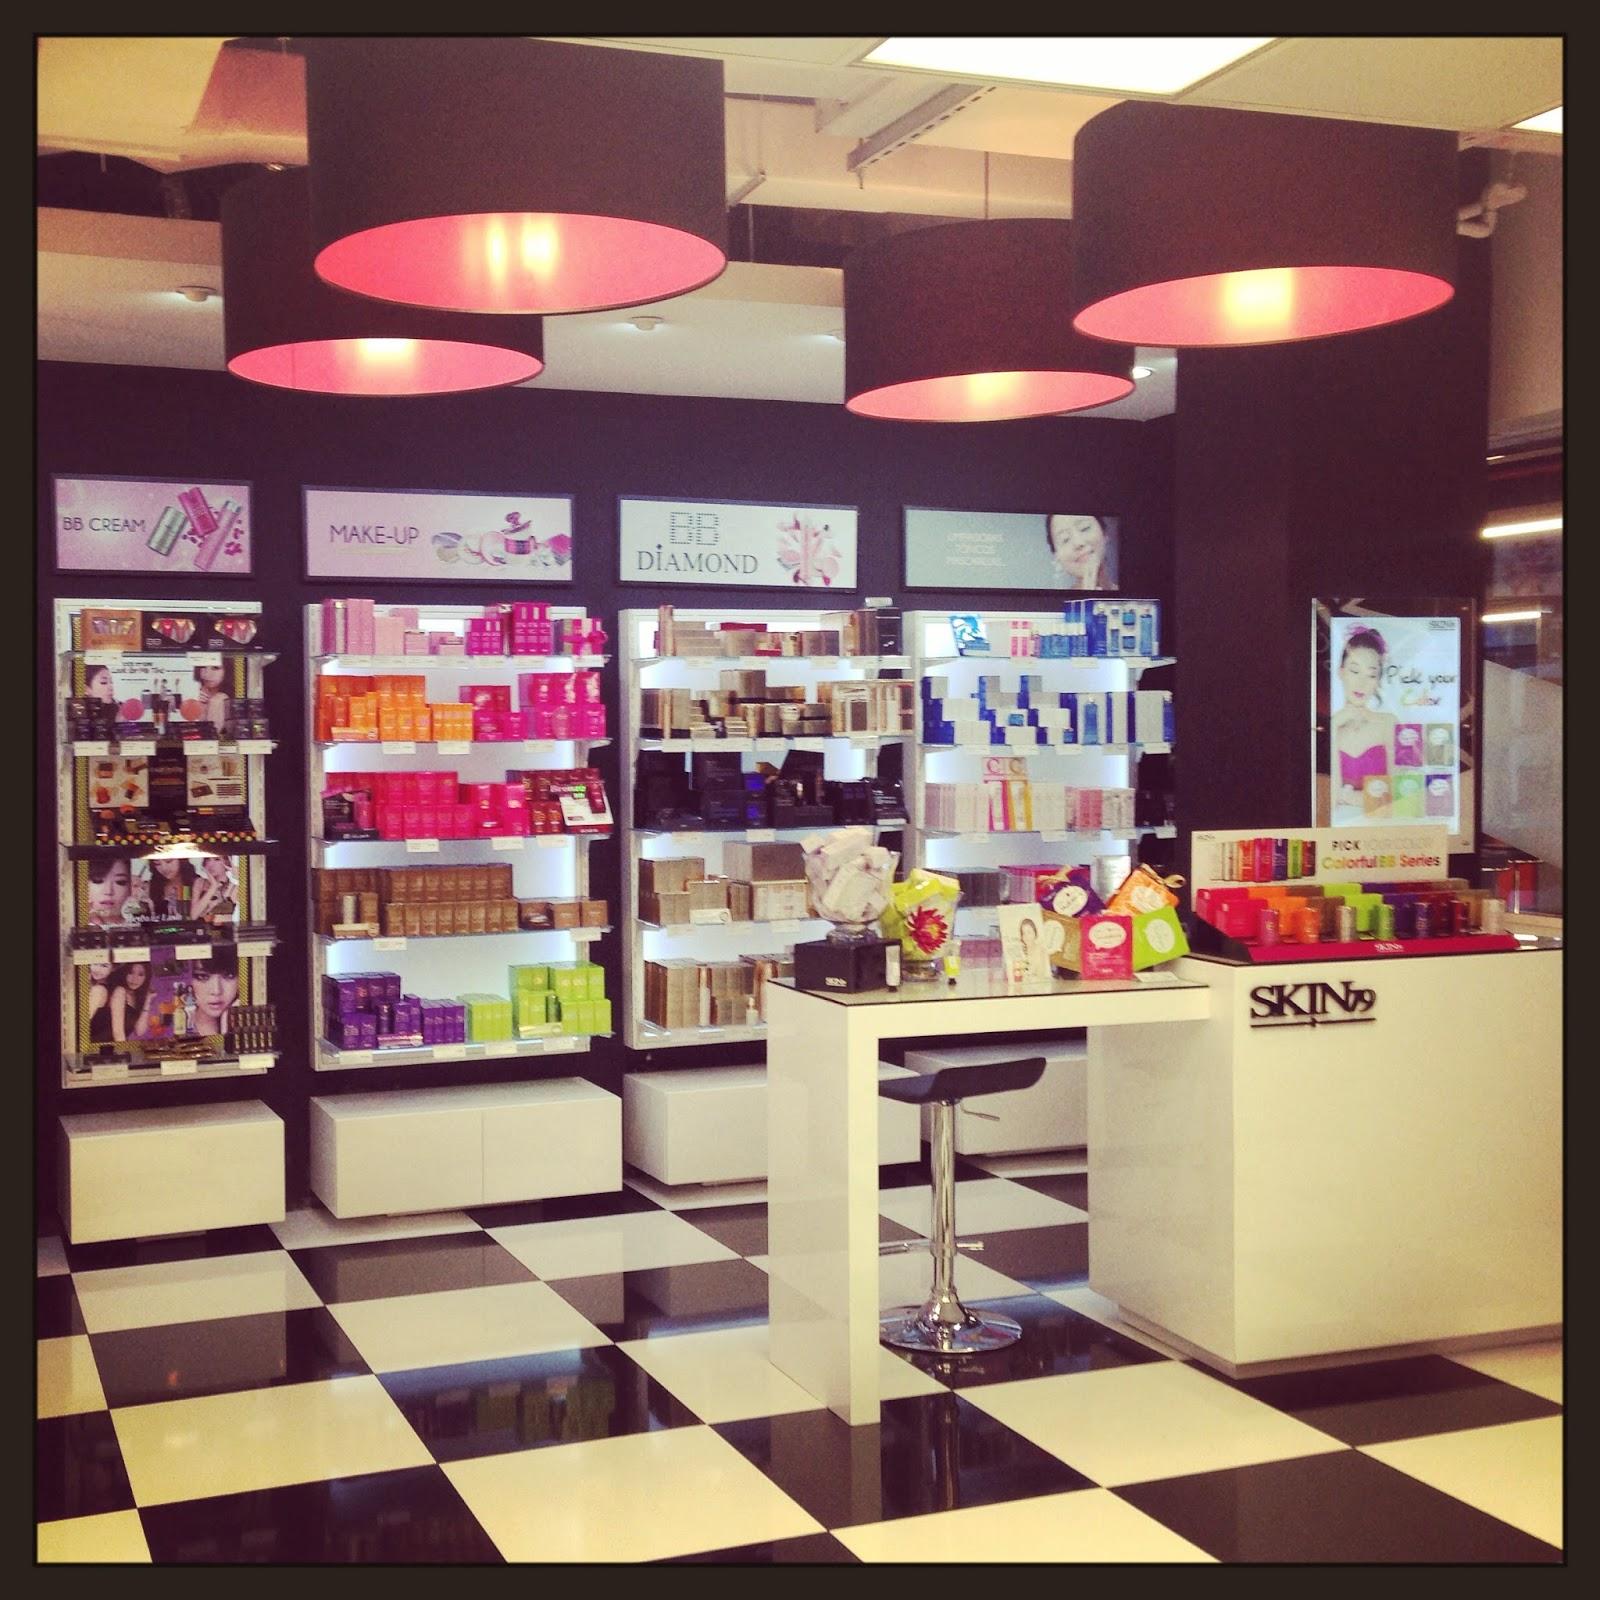 Conociendo la tienda de Skin79 en Madrid (Hermosilla, 82)